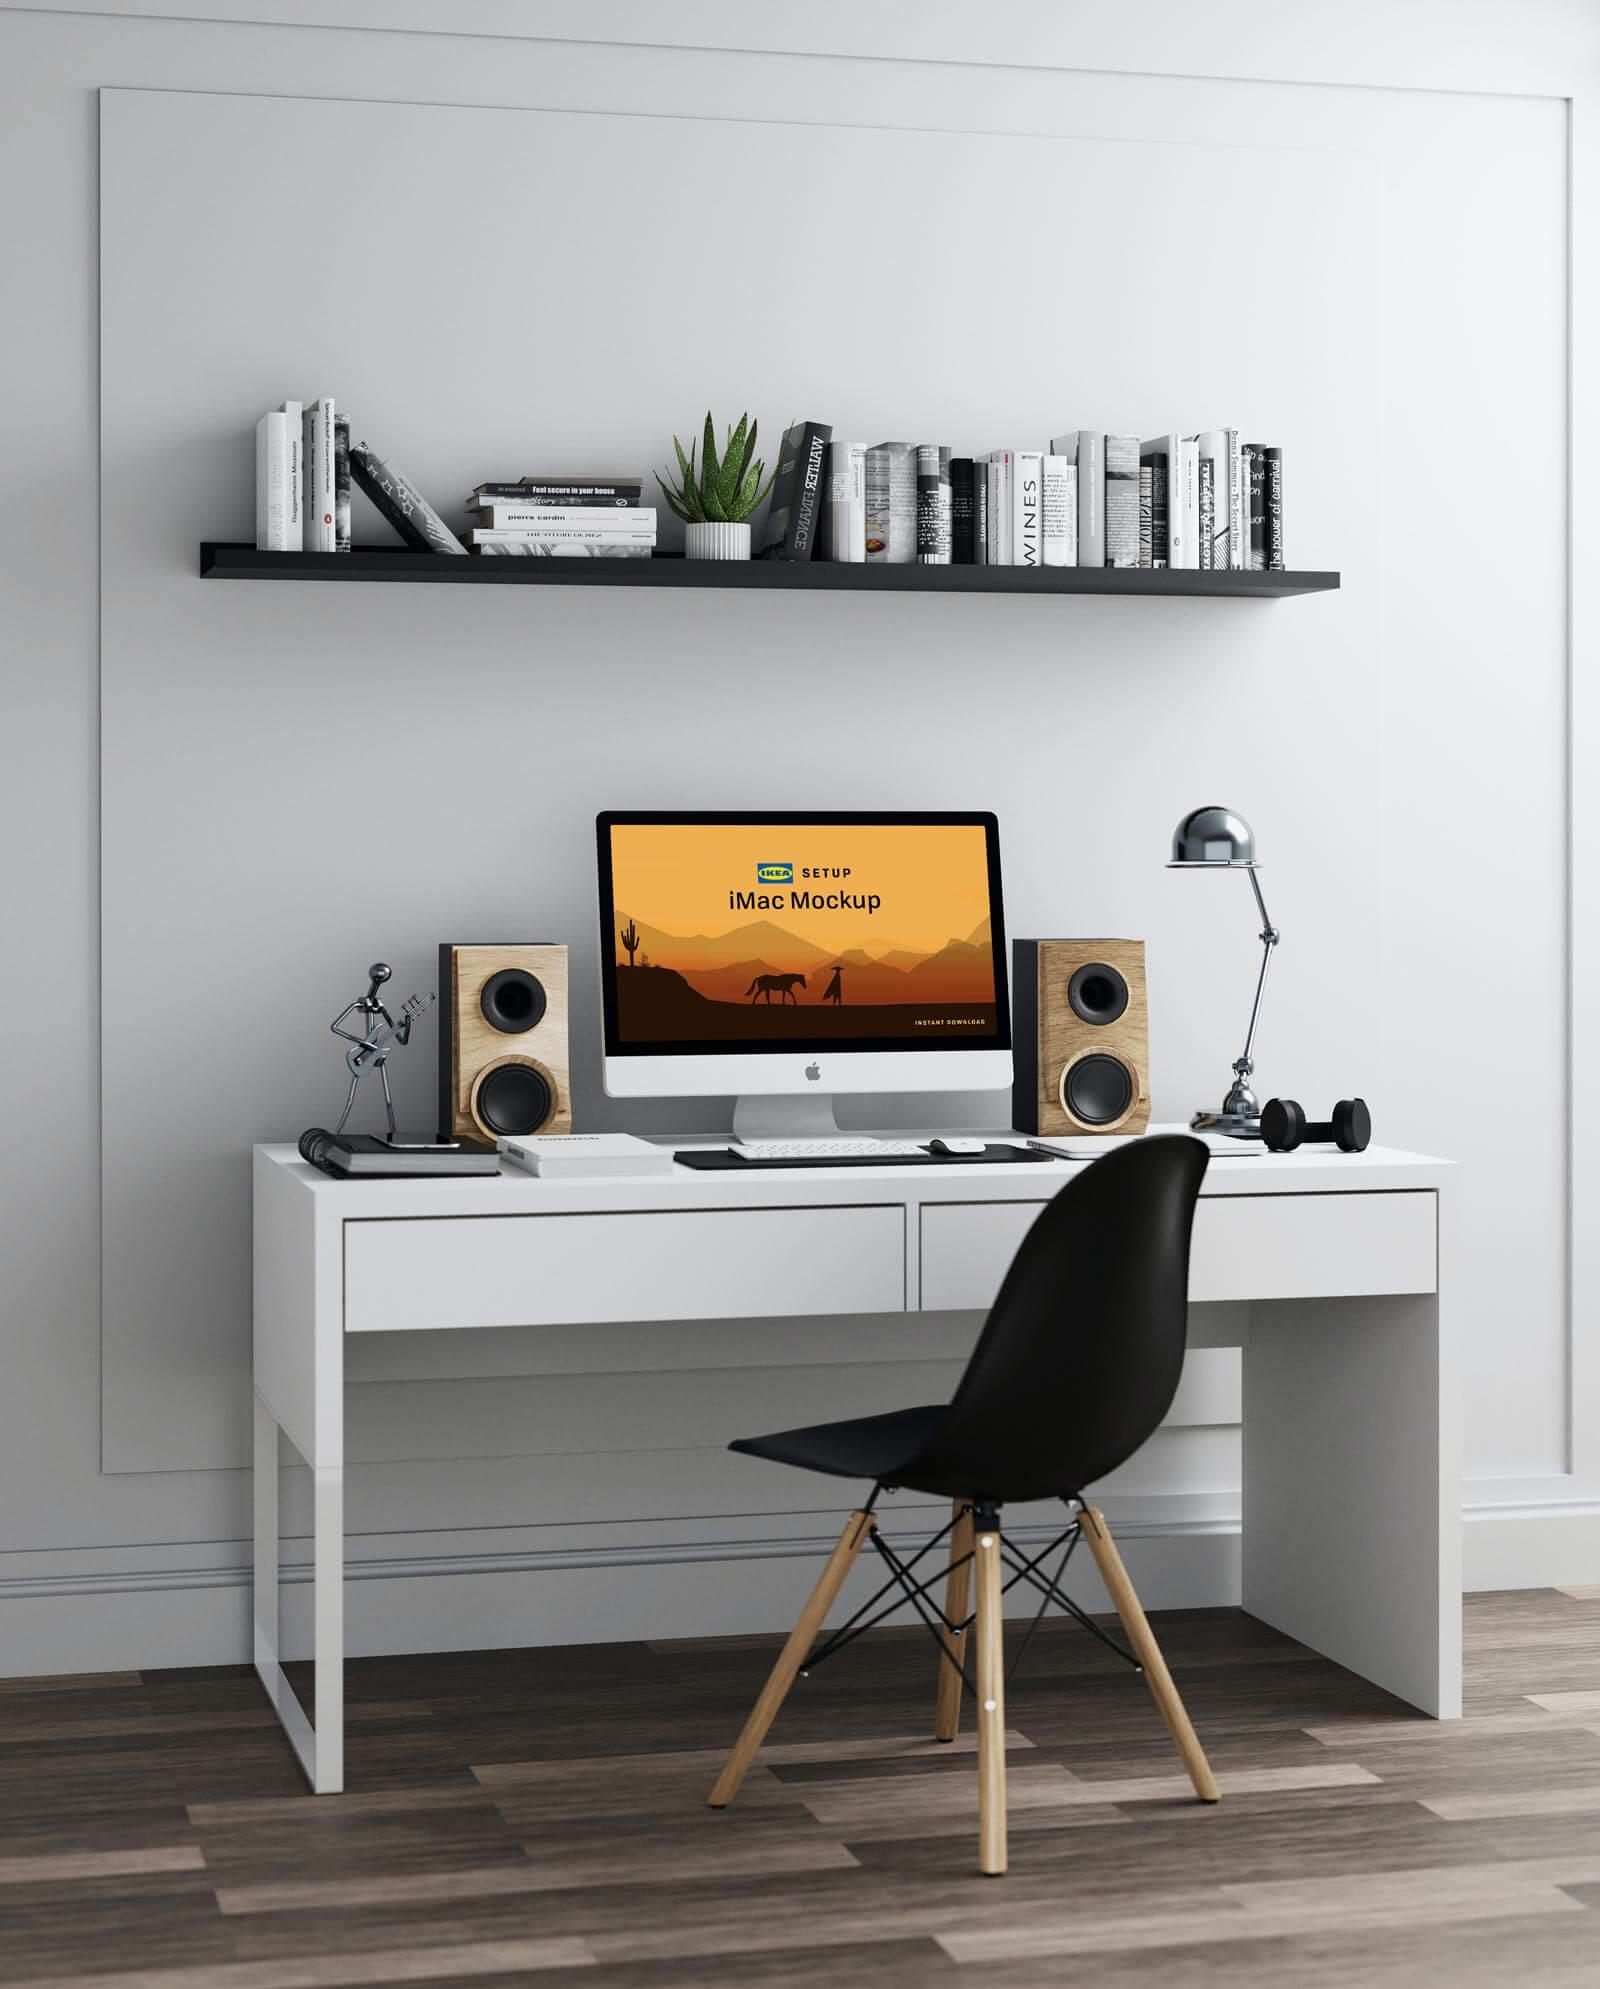 Free-IKEA-Workstation-iMac-Mockup-PSD